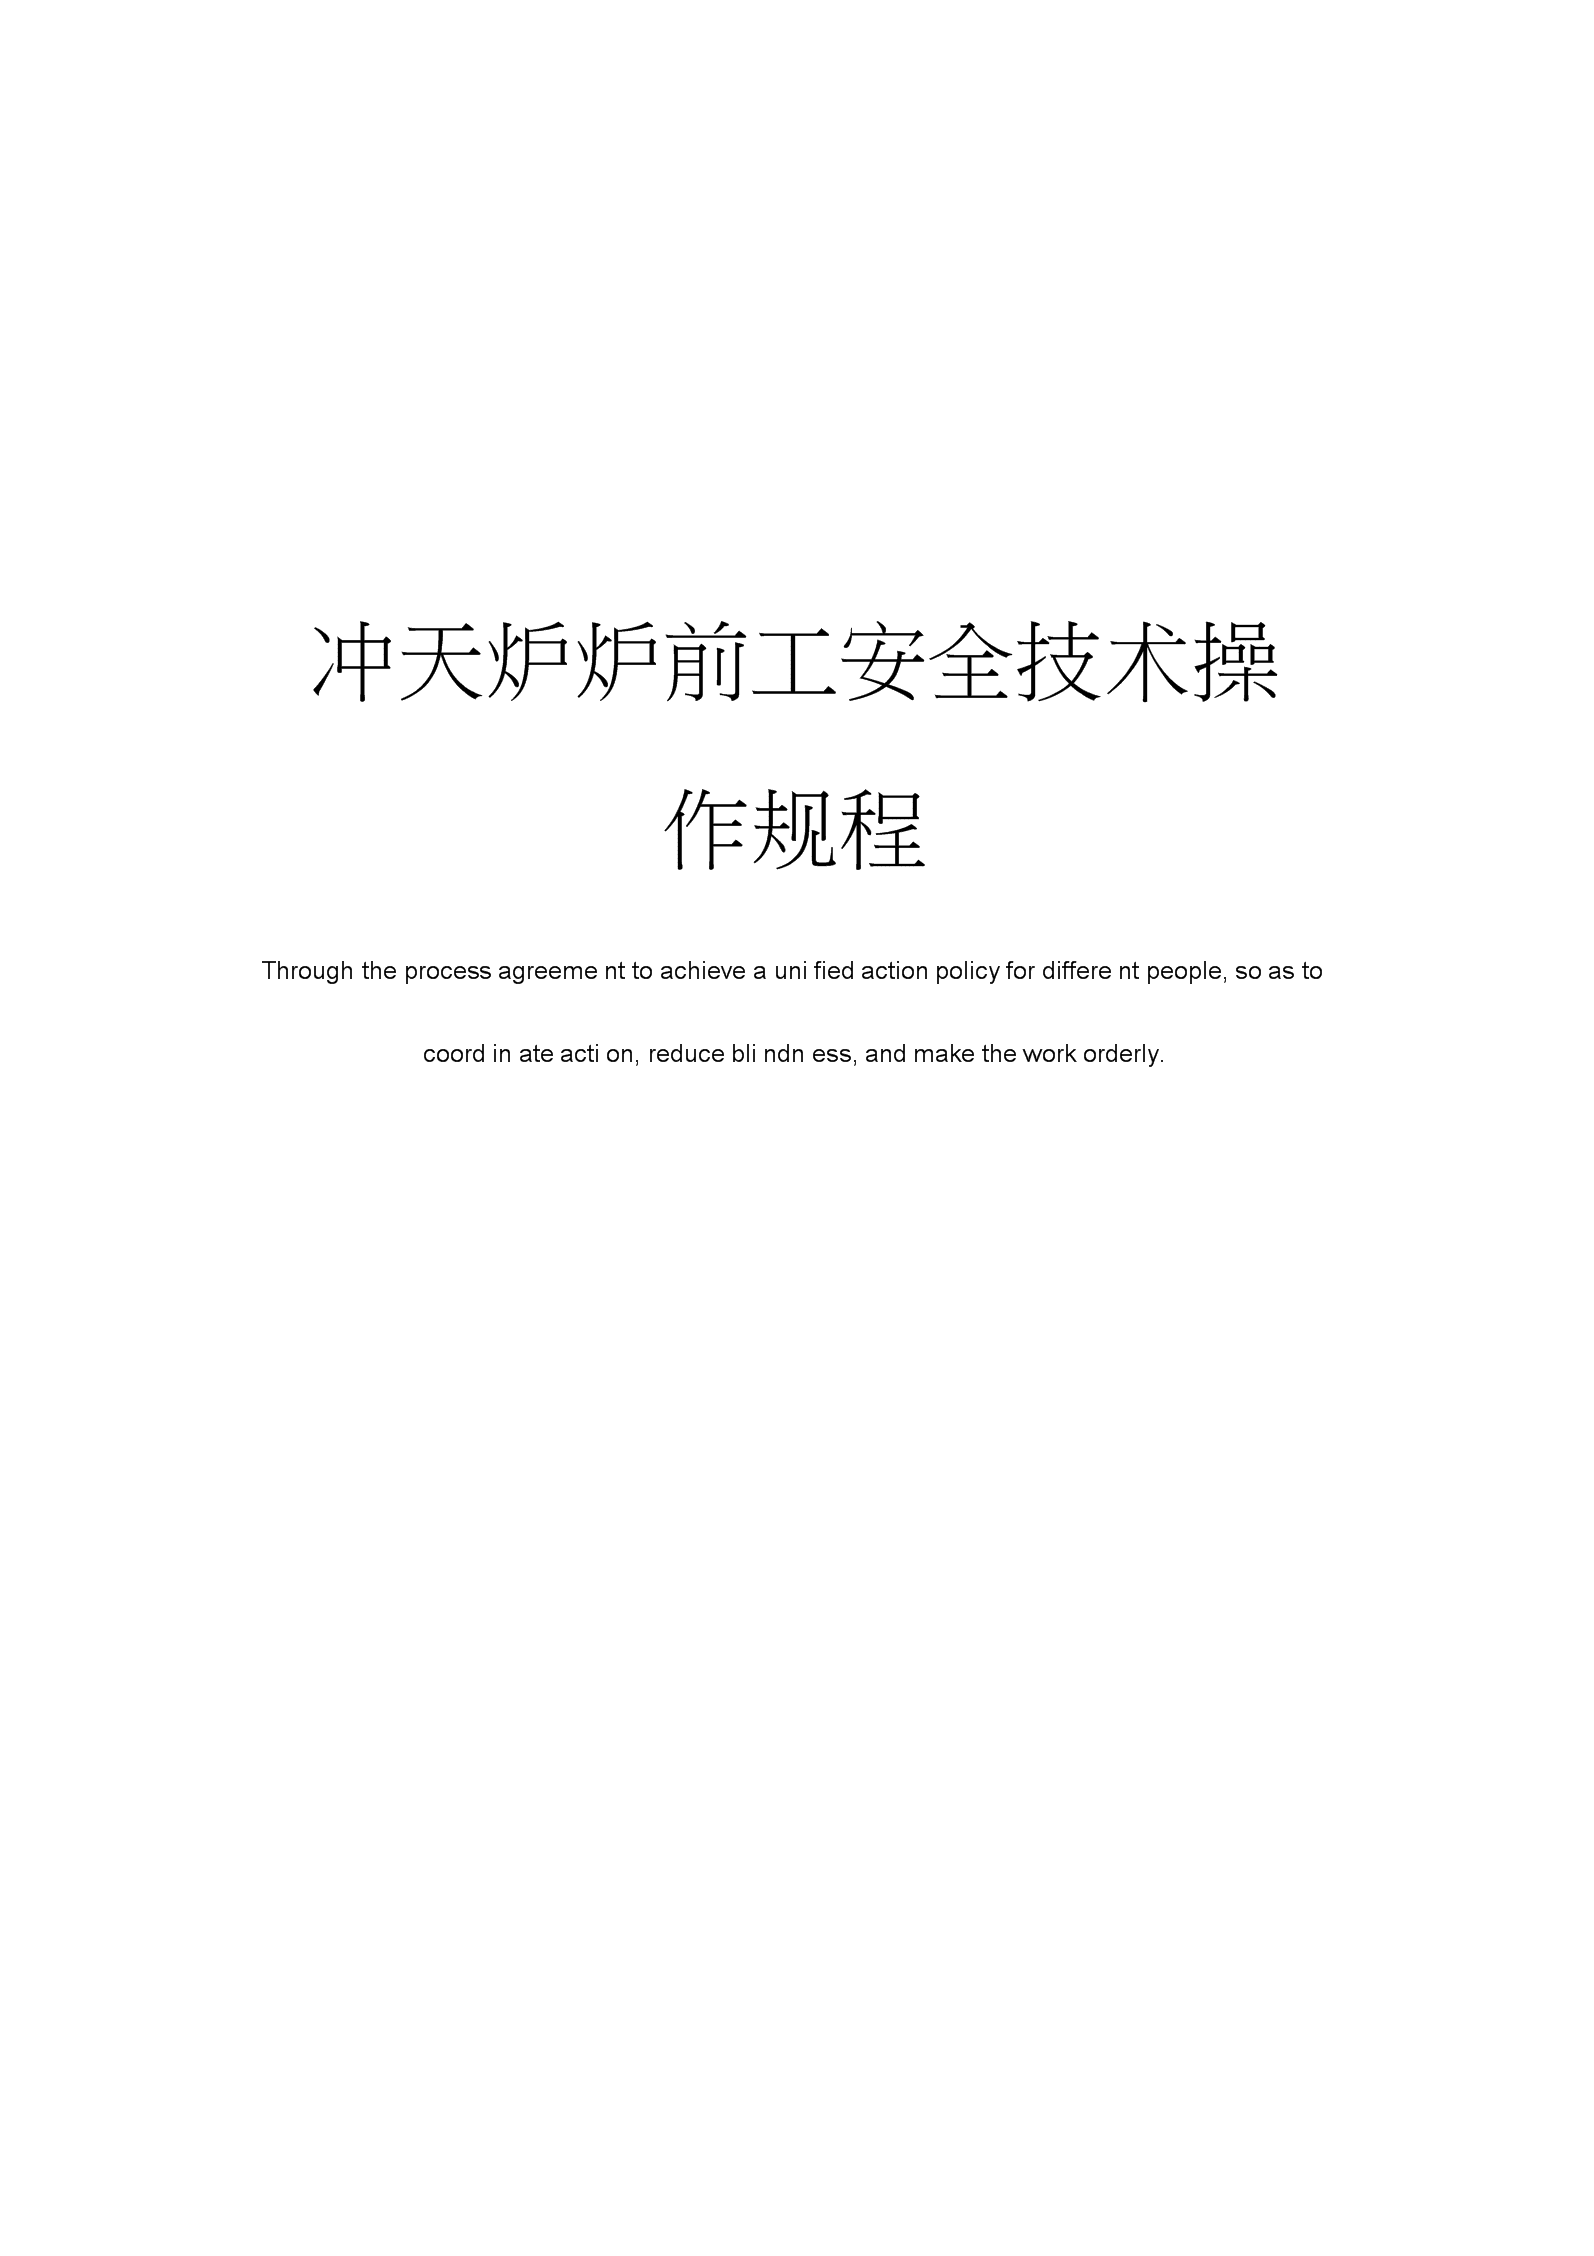 冲天炉炉前工安全技术操作规程.docx